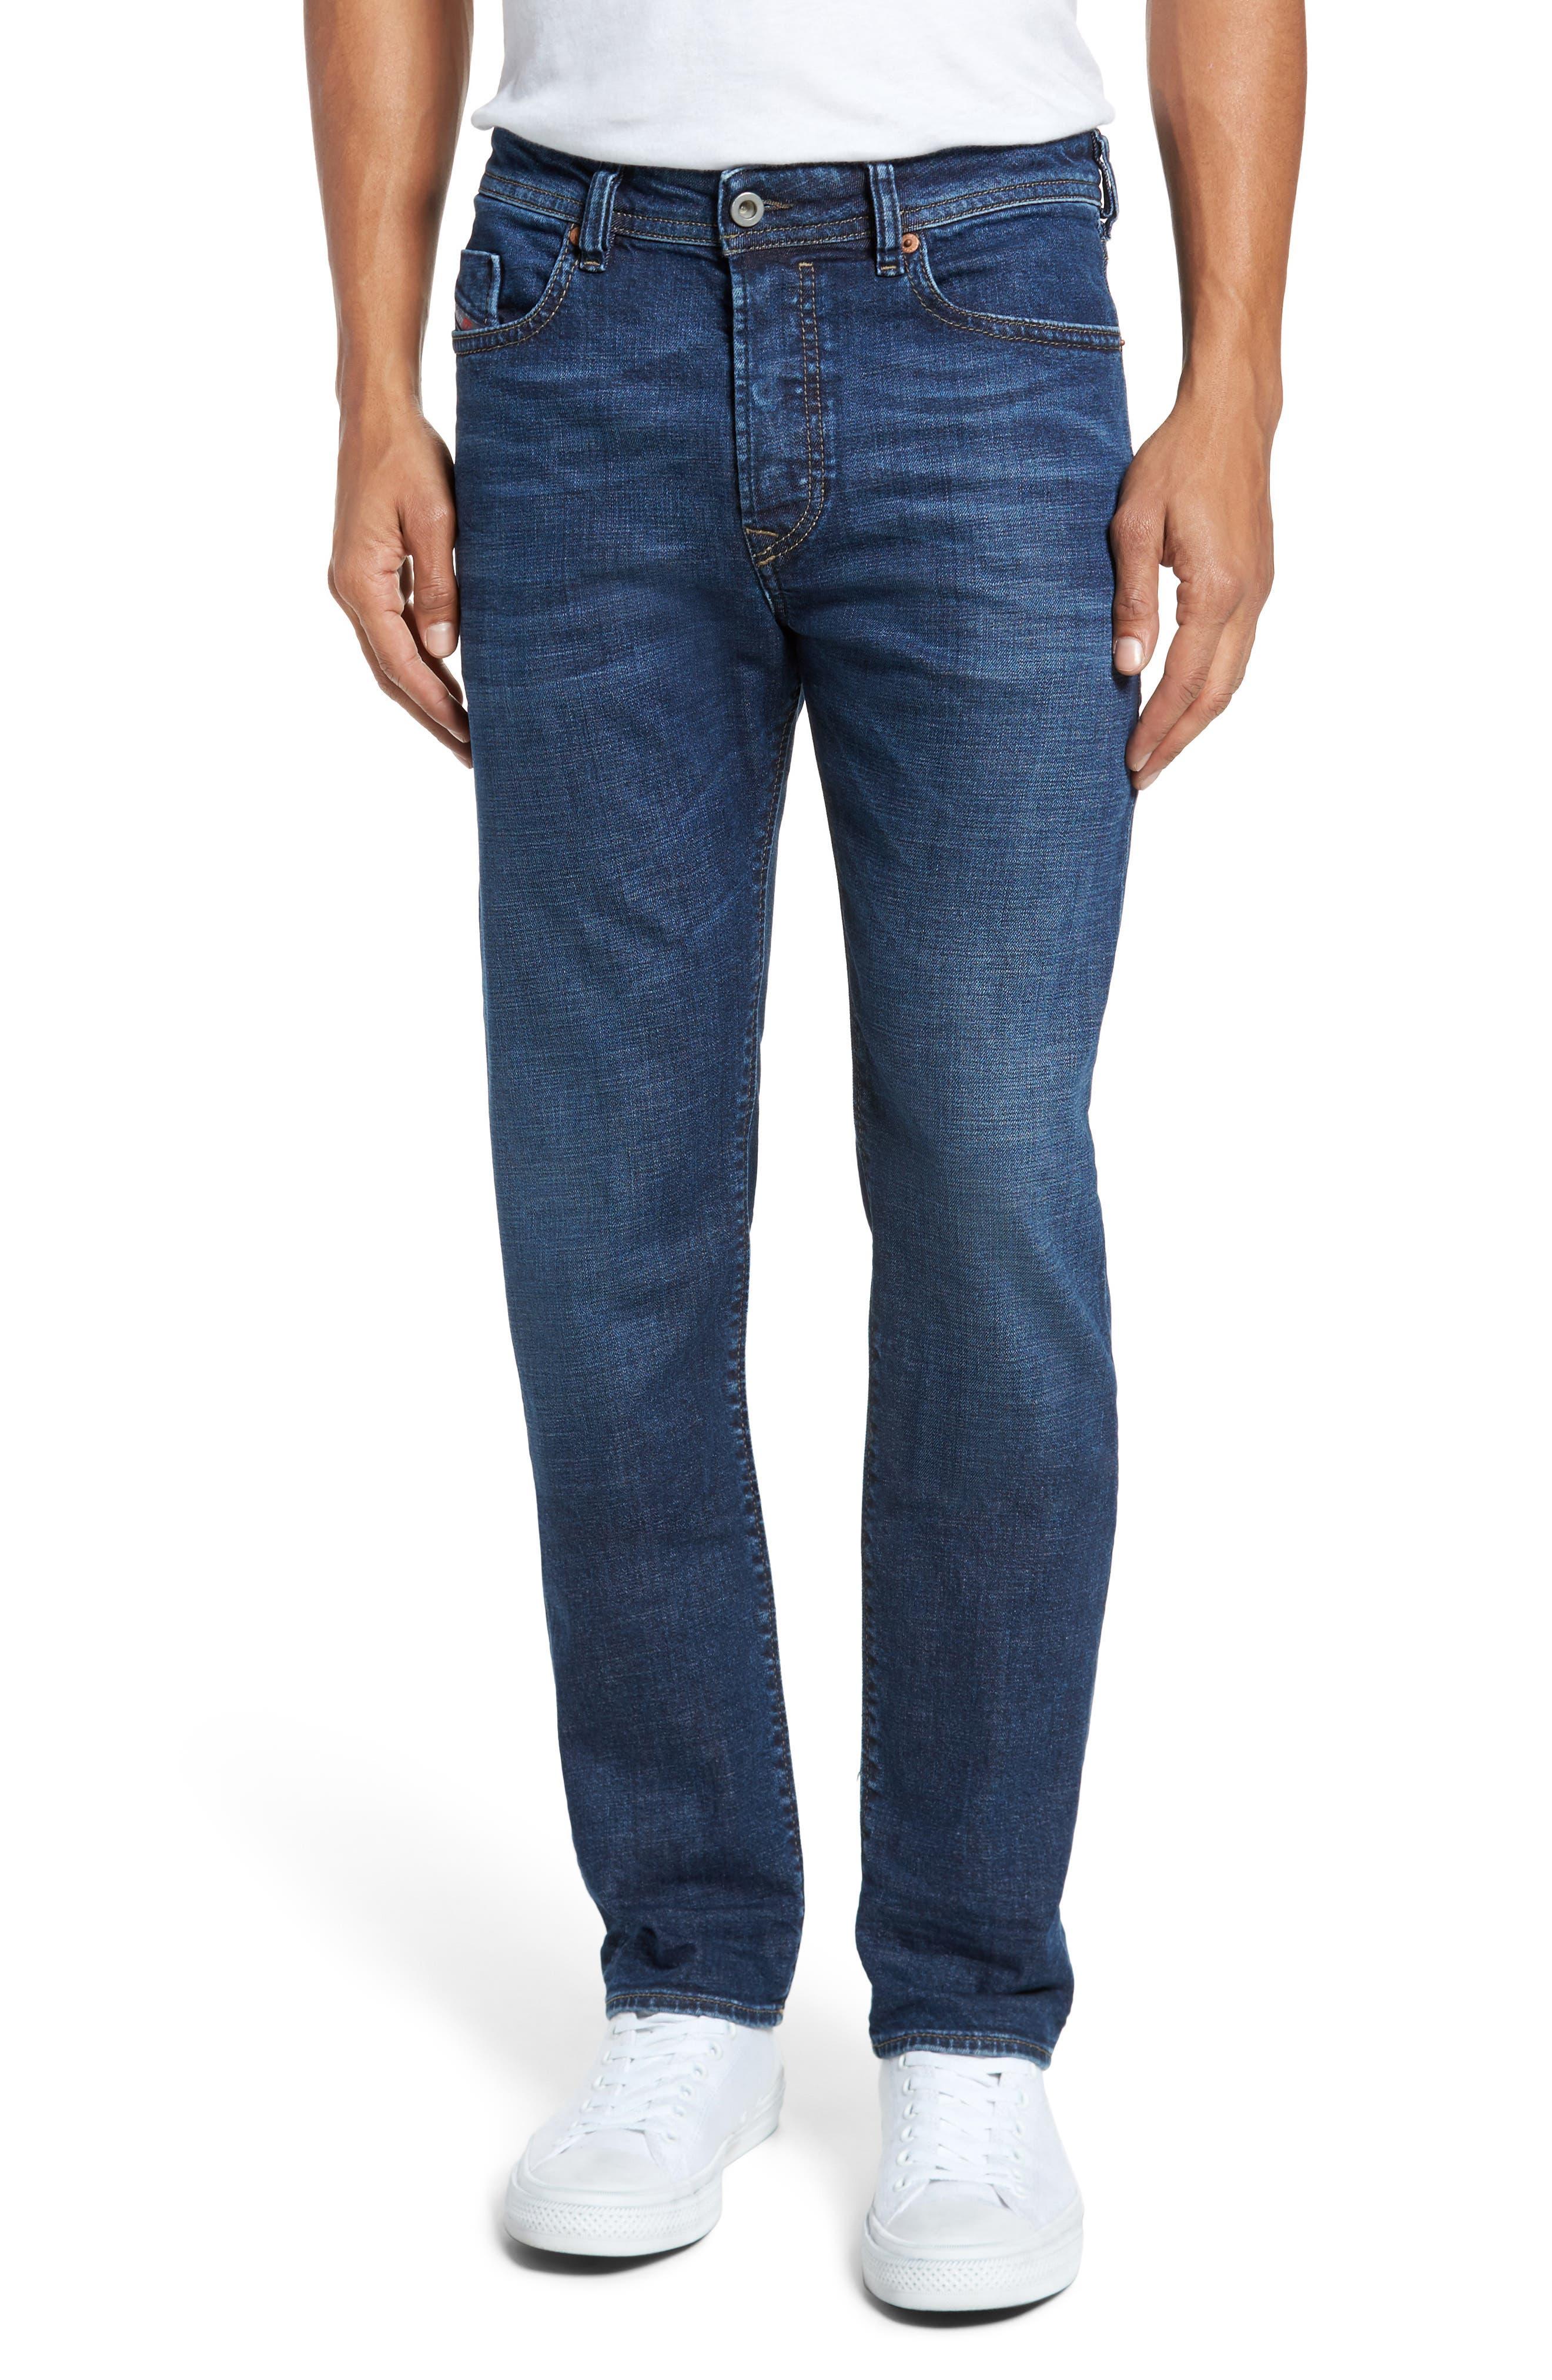 Alternate Image 1 Selected - DIESEL® Buster Slim Straight Fit Jeans